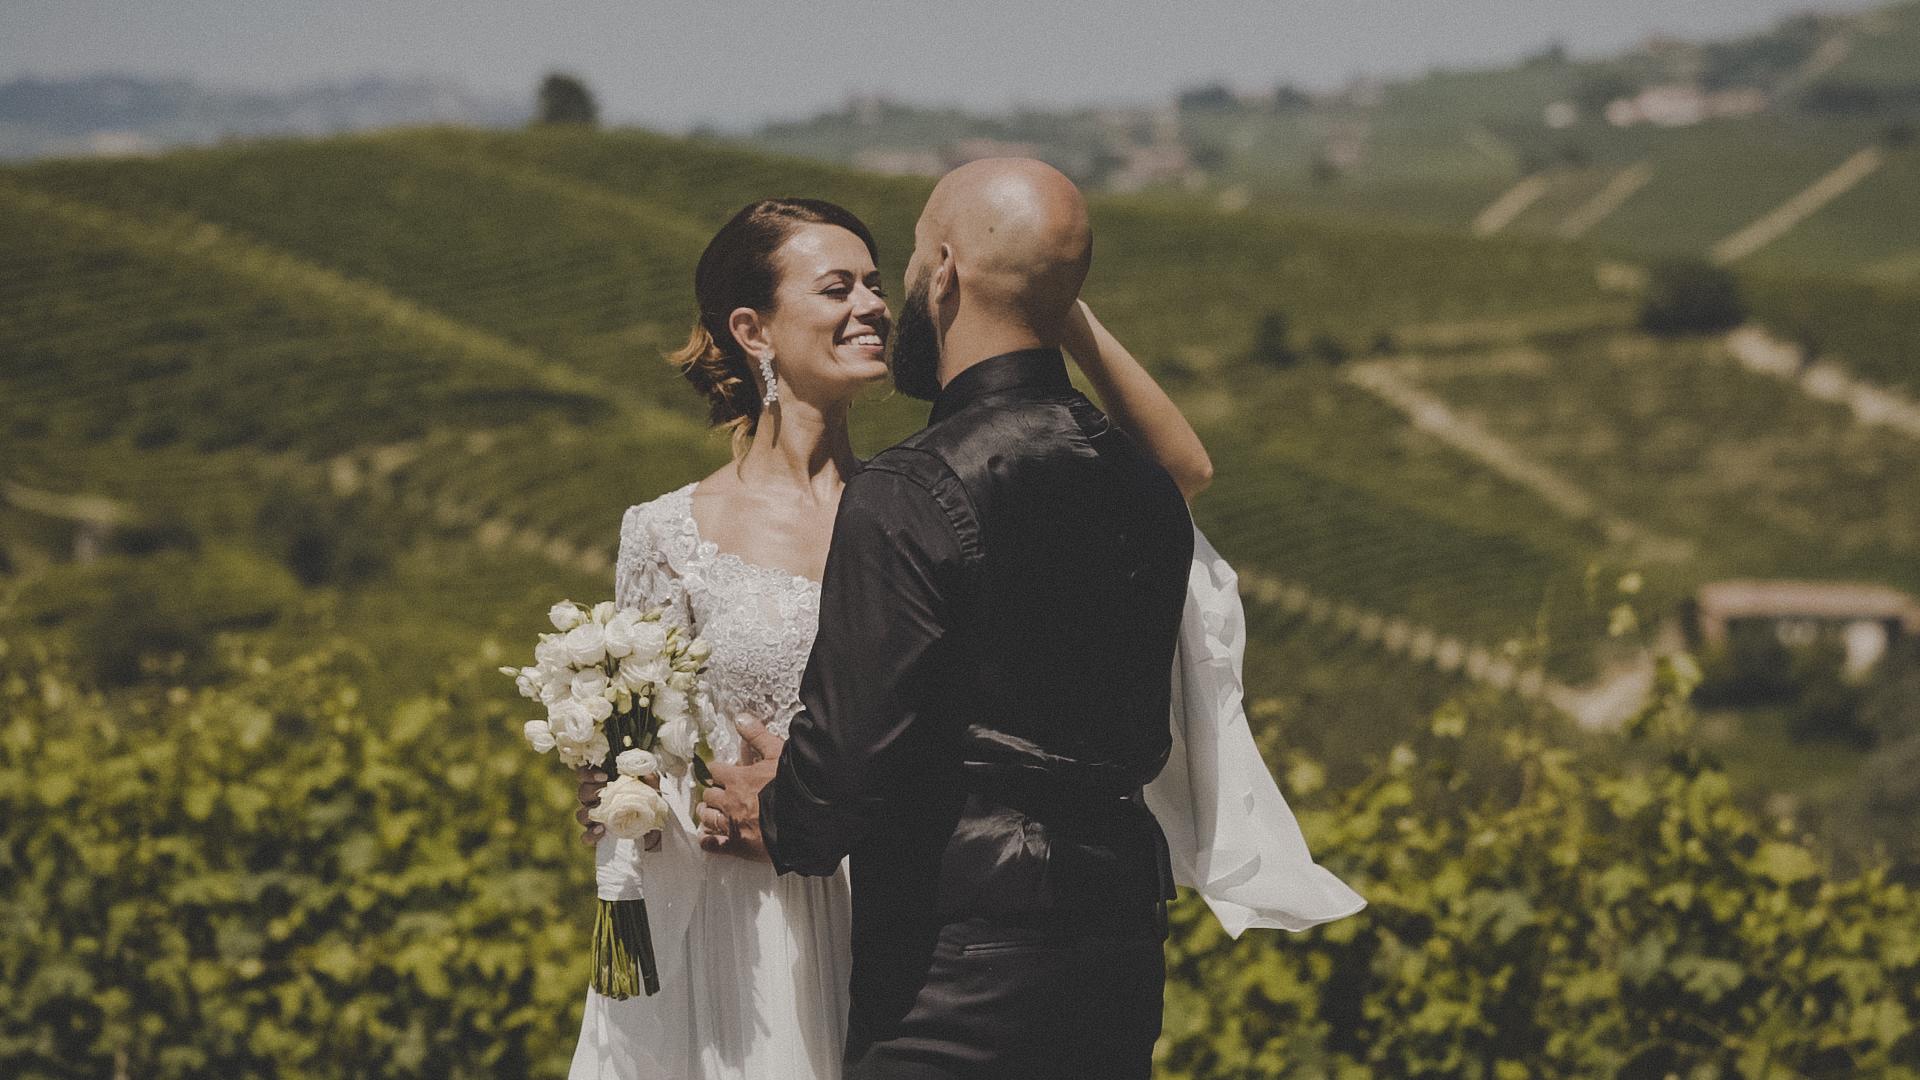 Eliana e Fabio recensione del video di matrimonio